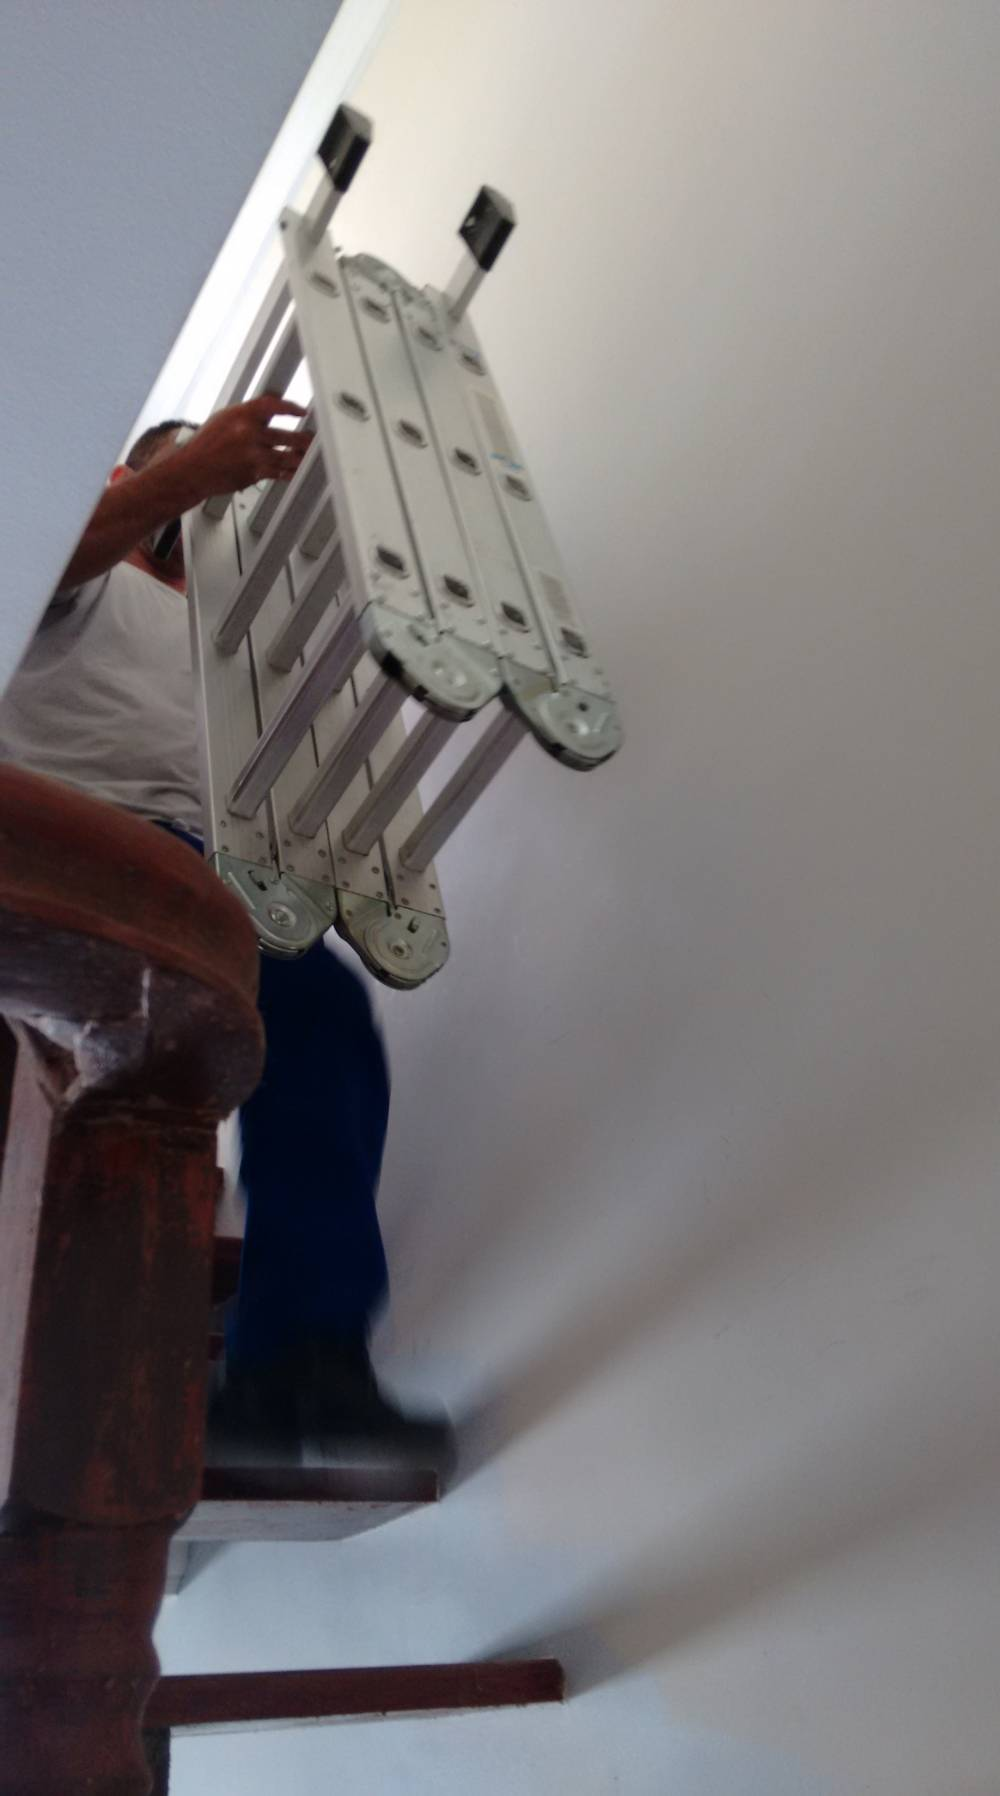 Contratar Empresa de Manutenções Residenciais no Parque Capuava - Manutenção Residencial no ABC